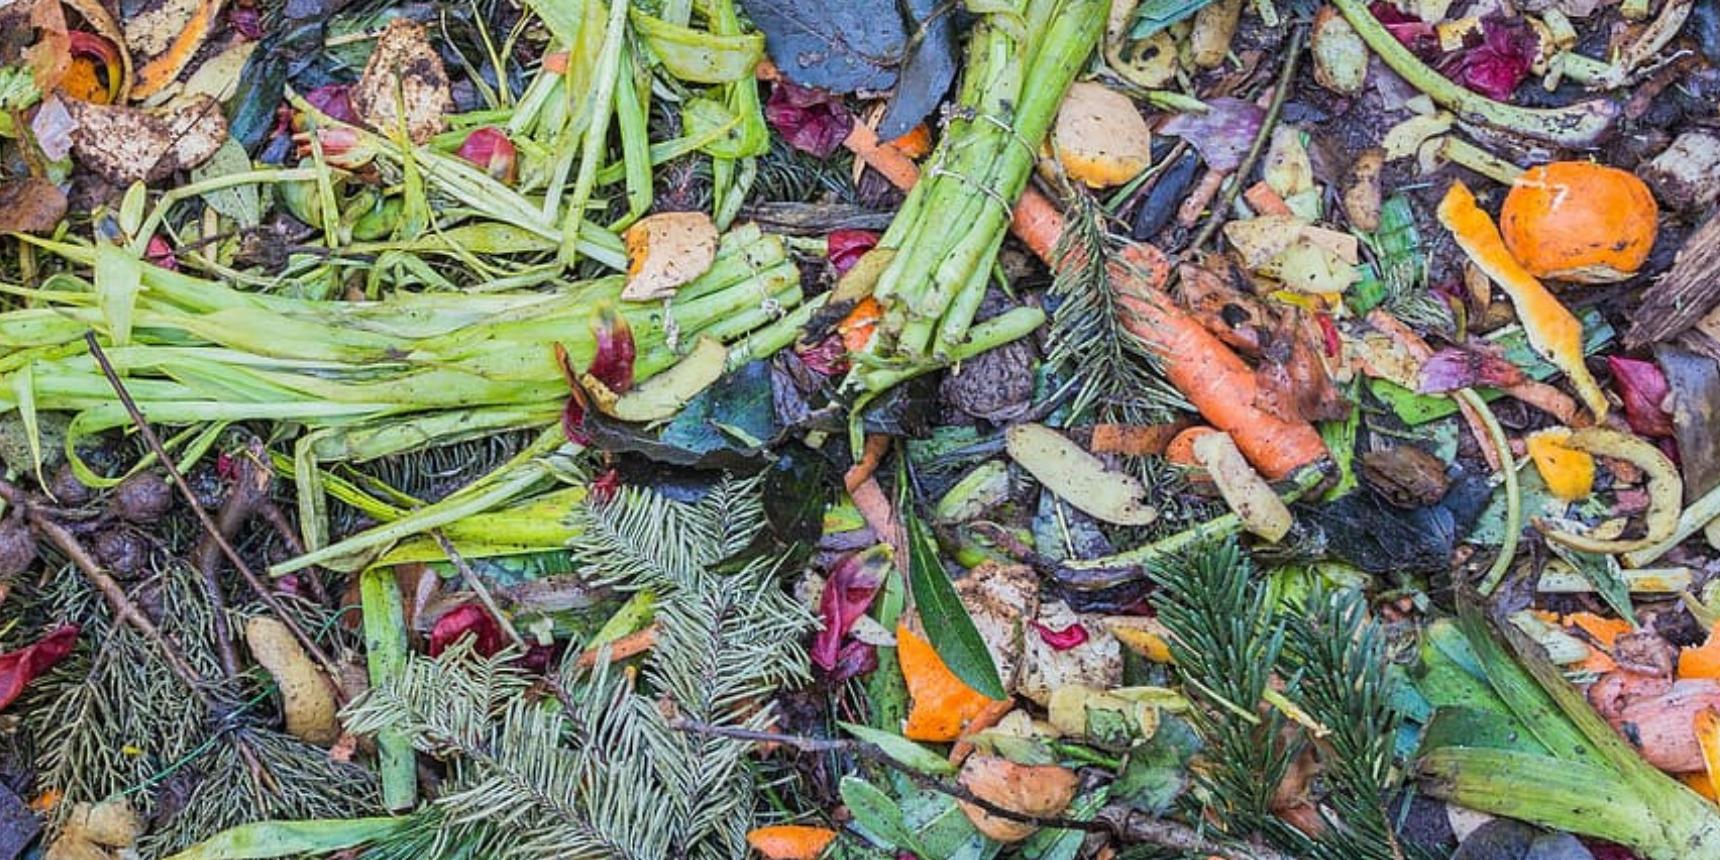 Διεθνής Ημέρα για την Απώλεια και τη Σπατάλη Φαγητού, η 29η Σεπτεμβρίου - Τί «Μπορούμε» να κάνουμε